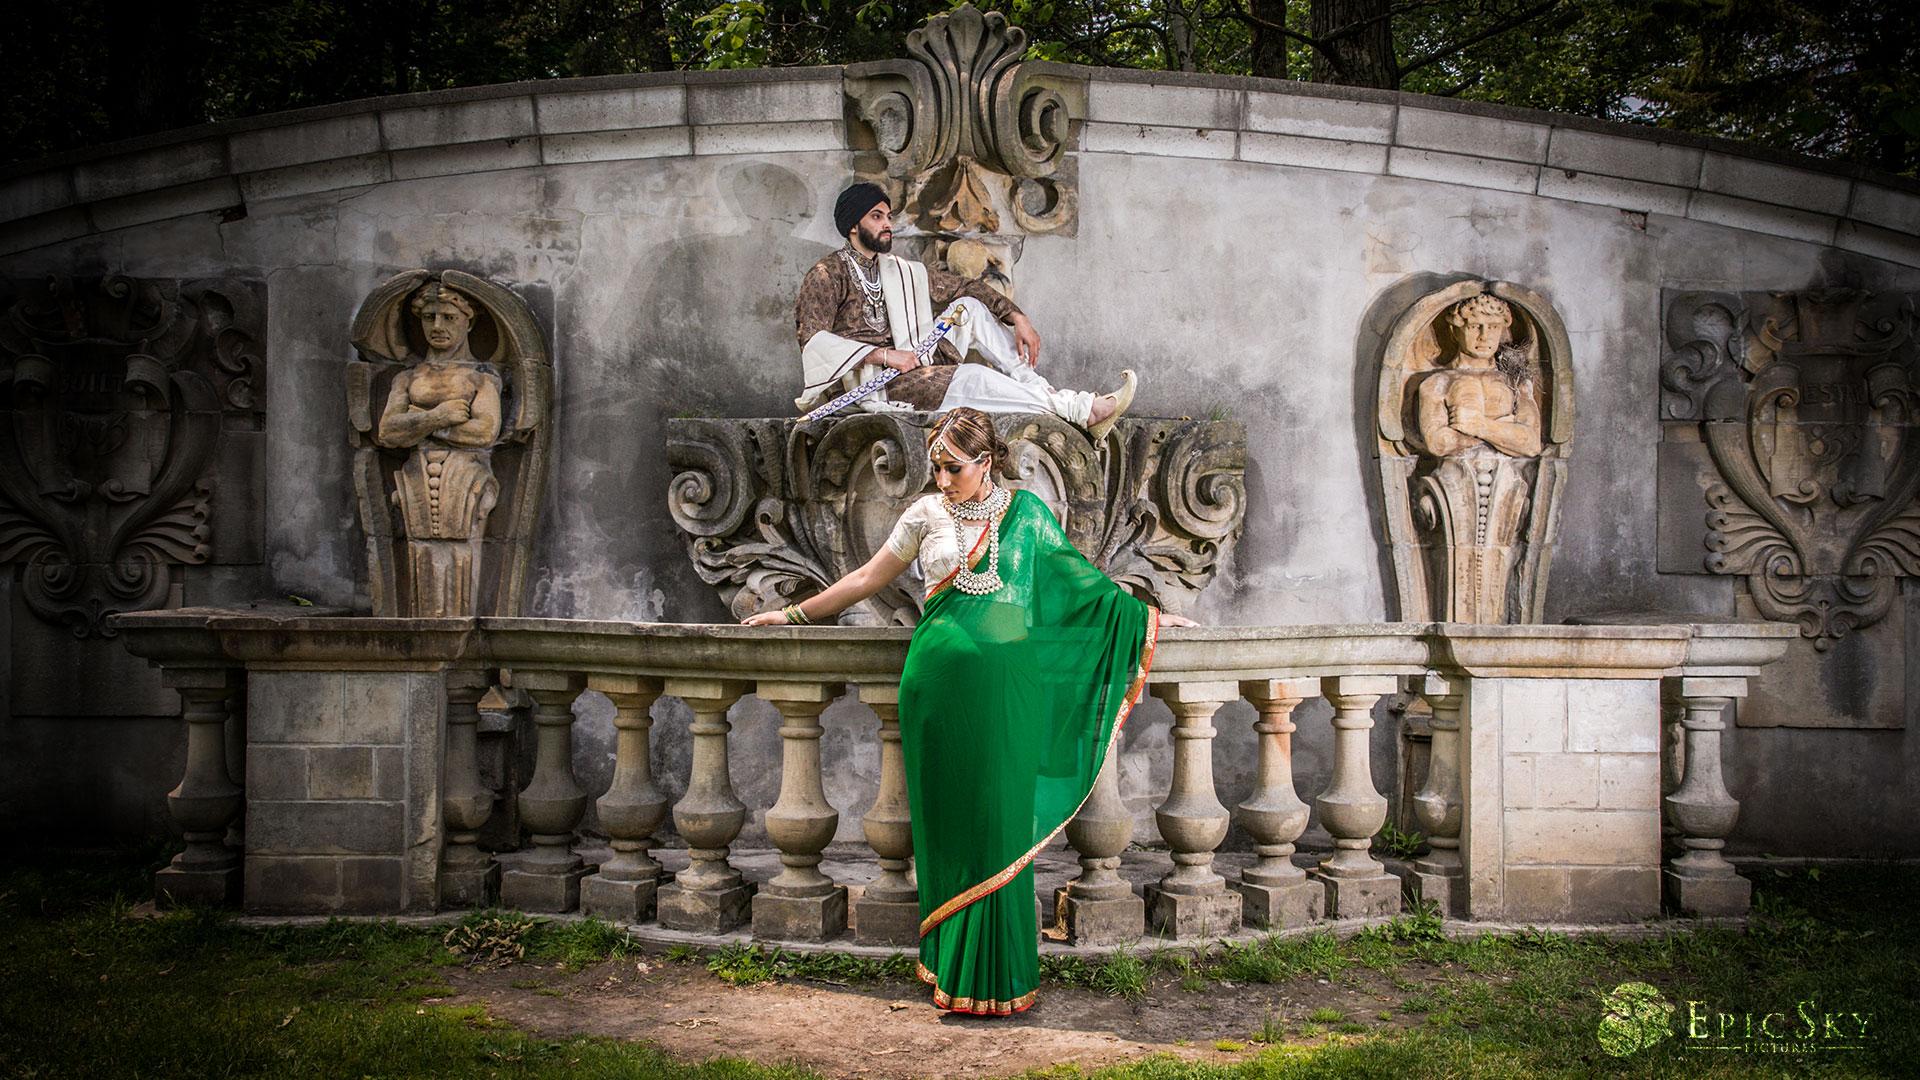 epic_sky_pictures_bridal_epicphoto_photography_raja_wedding_maharani_details_maharaja_shiny_candid_wedding_sikh_bride